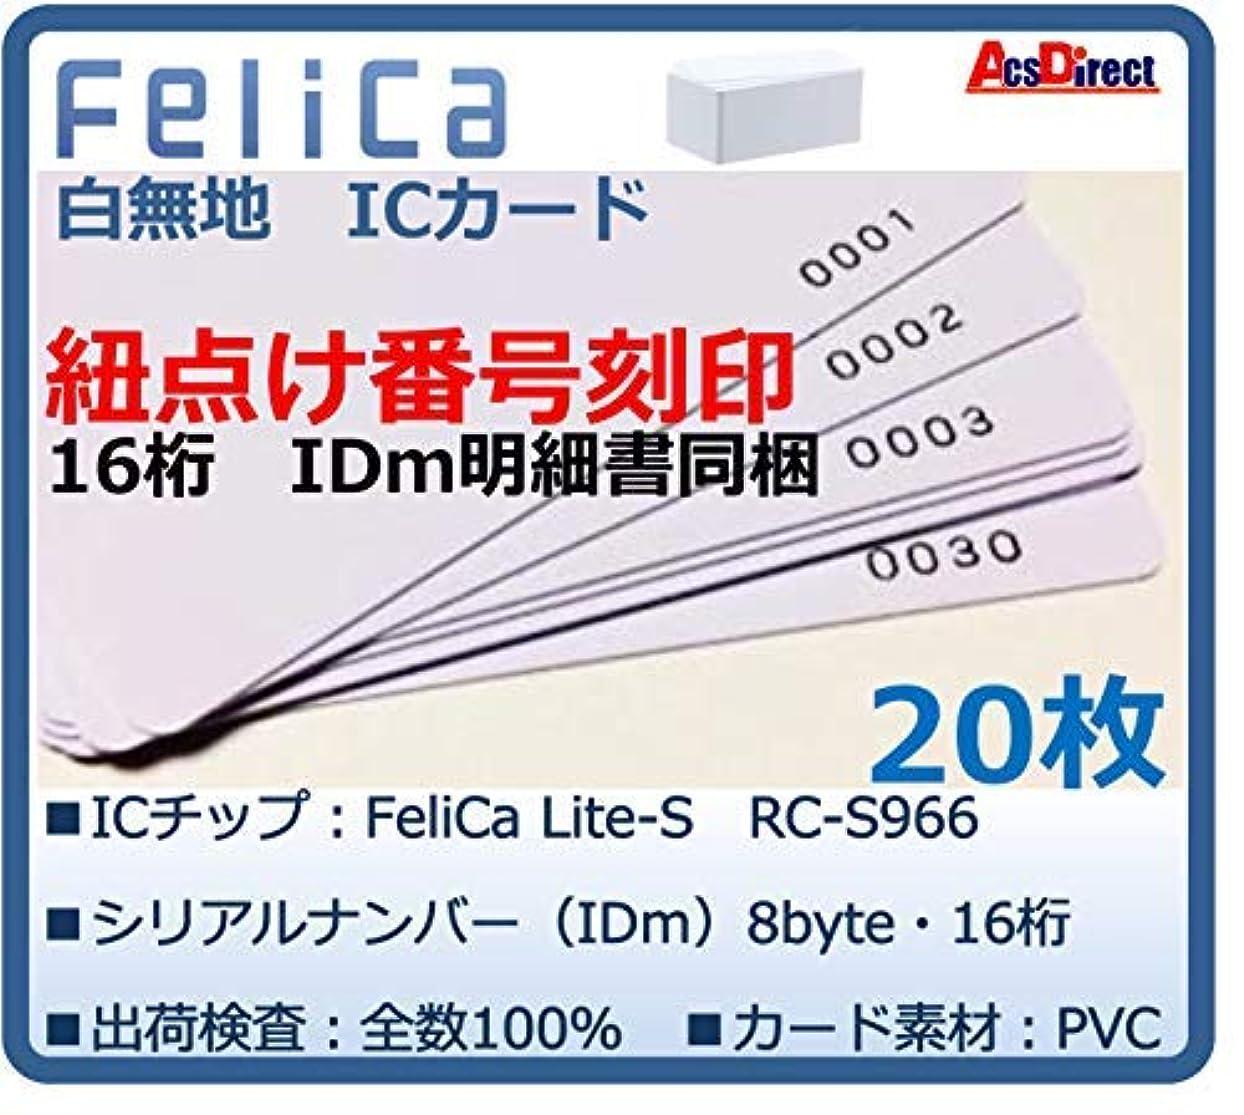 没頭する反対にポット【 20枚 連番紐づけ刻印 IDm16桁 明細同梱】FeliCa Lite-S RC-S966 ビジネス(業務、e-TAX)用 白無地 (紐点き連番刻印) フェリカ IDm セキュリティ推進フェリカカード